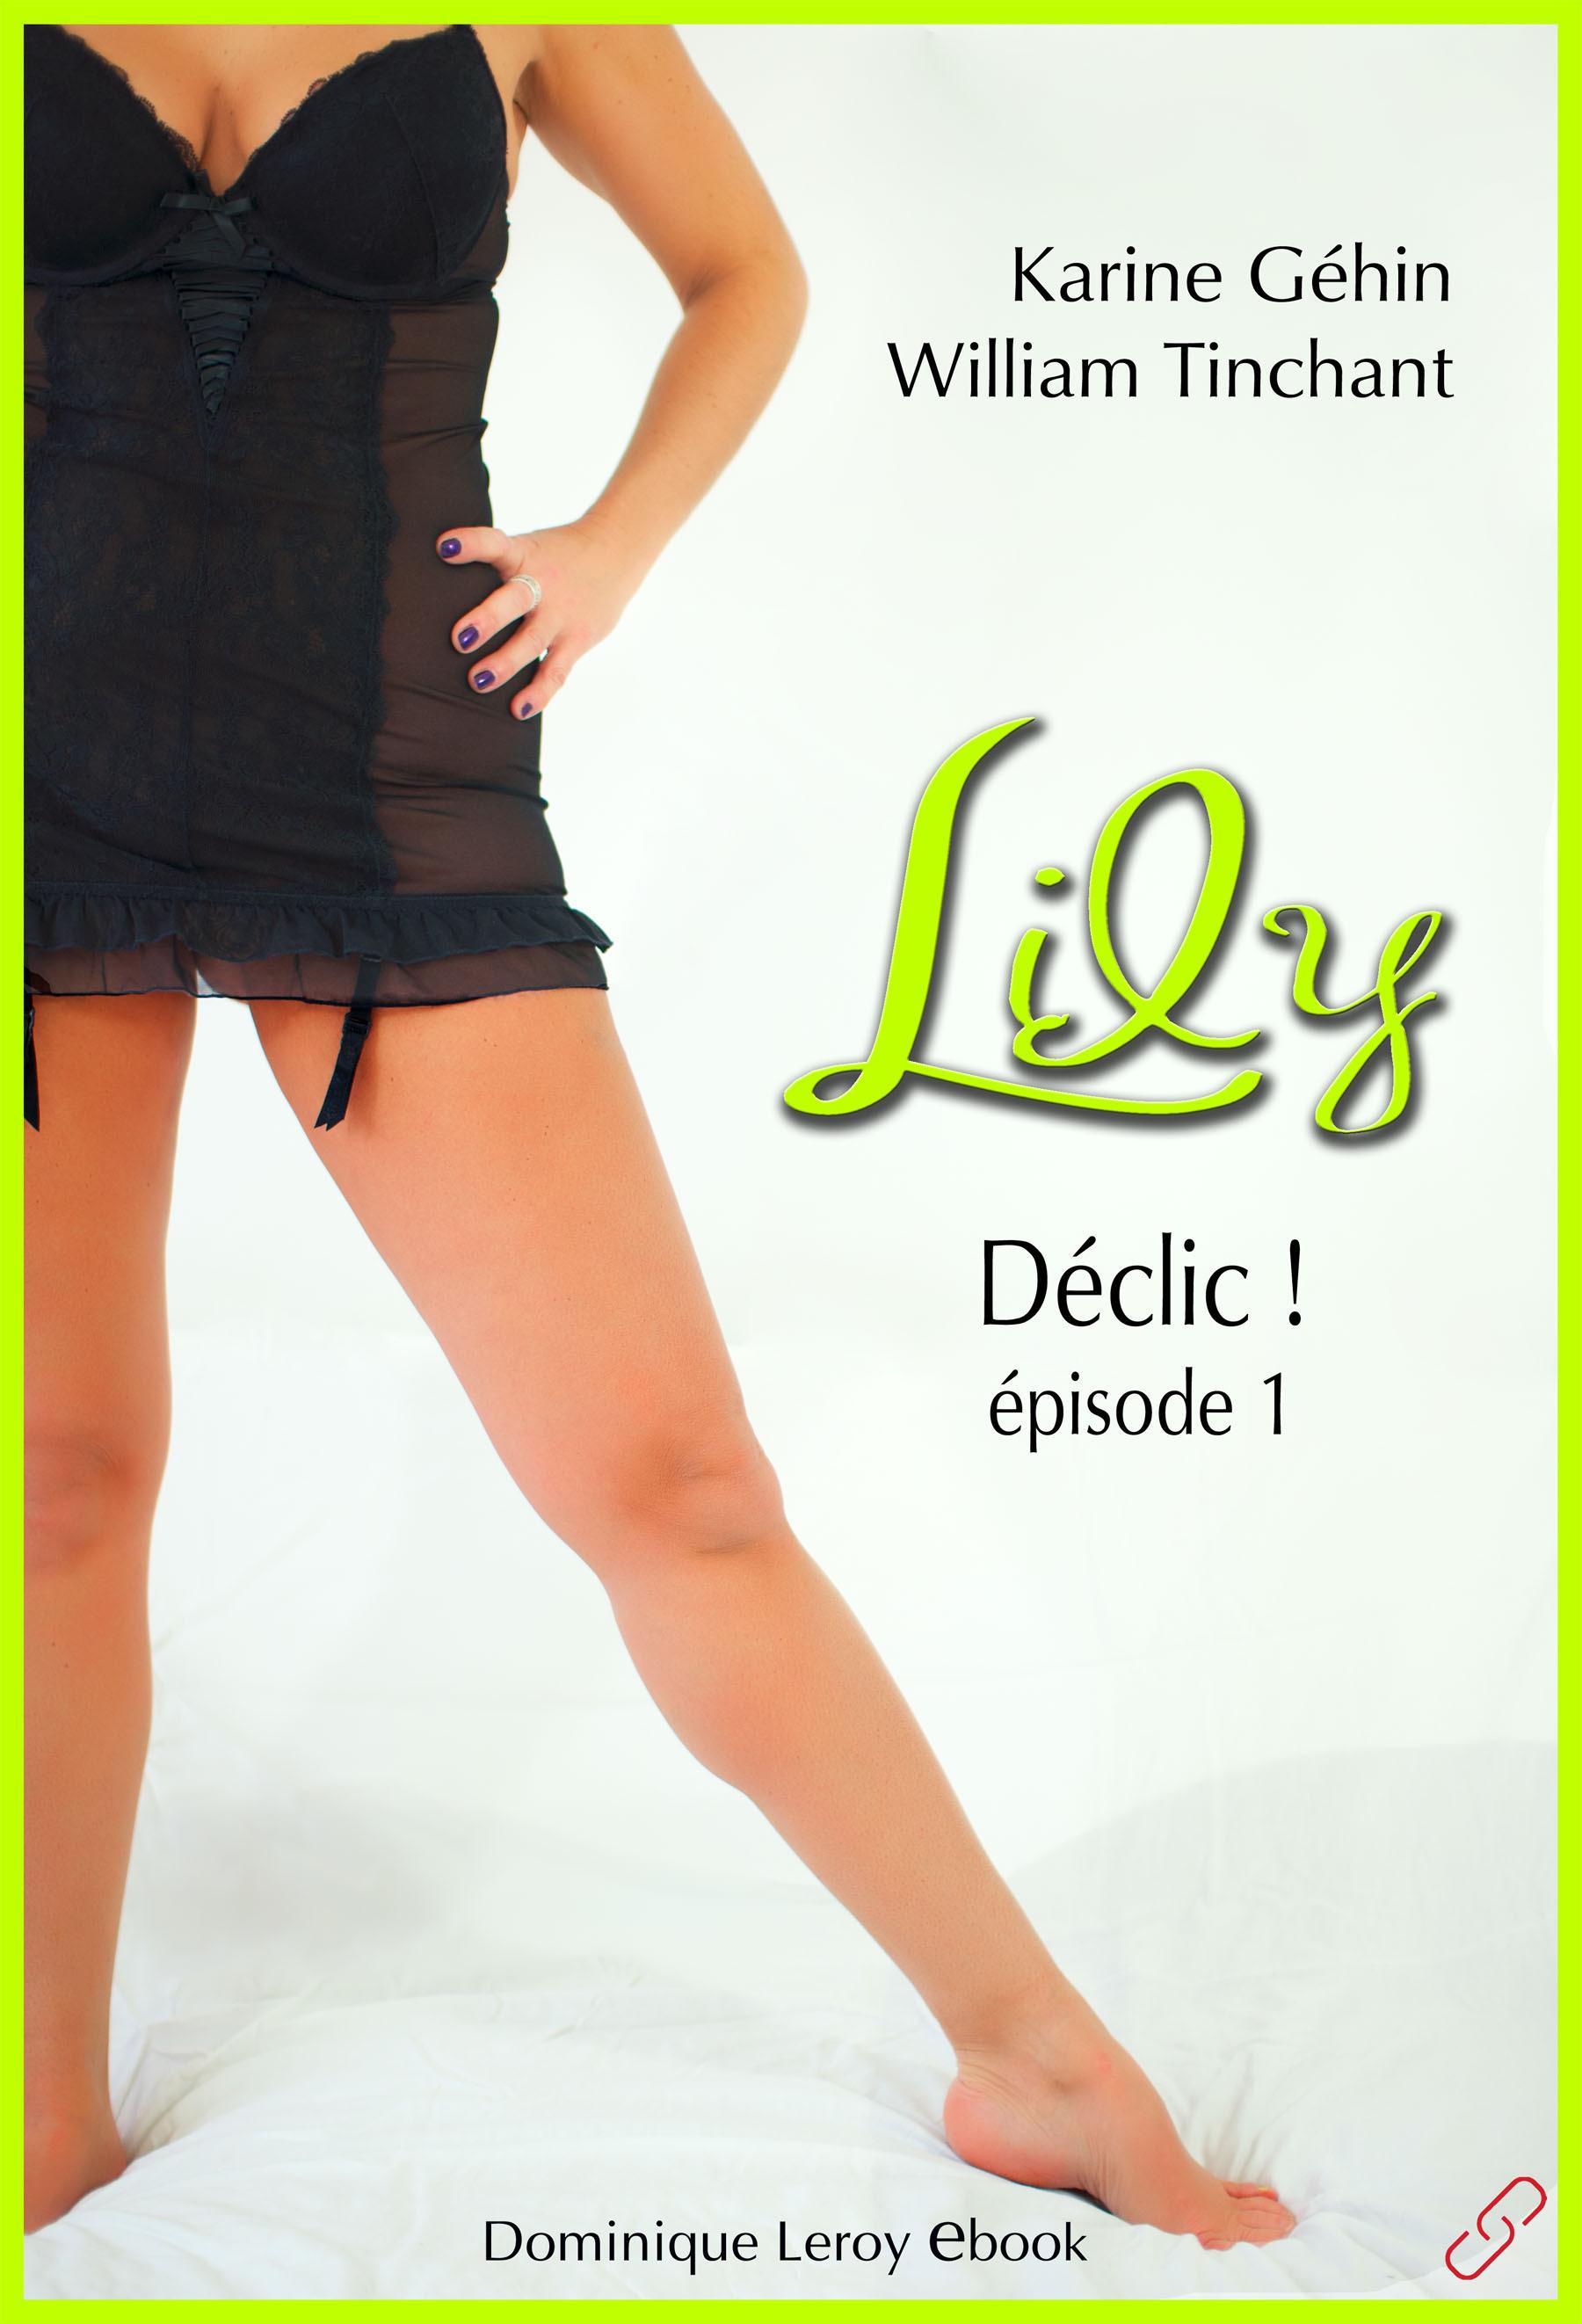 Lily, épisode 1 - Déclic !